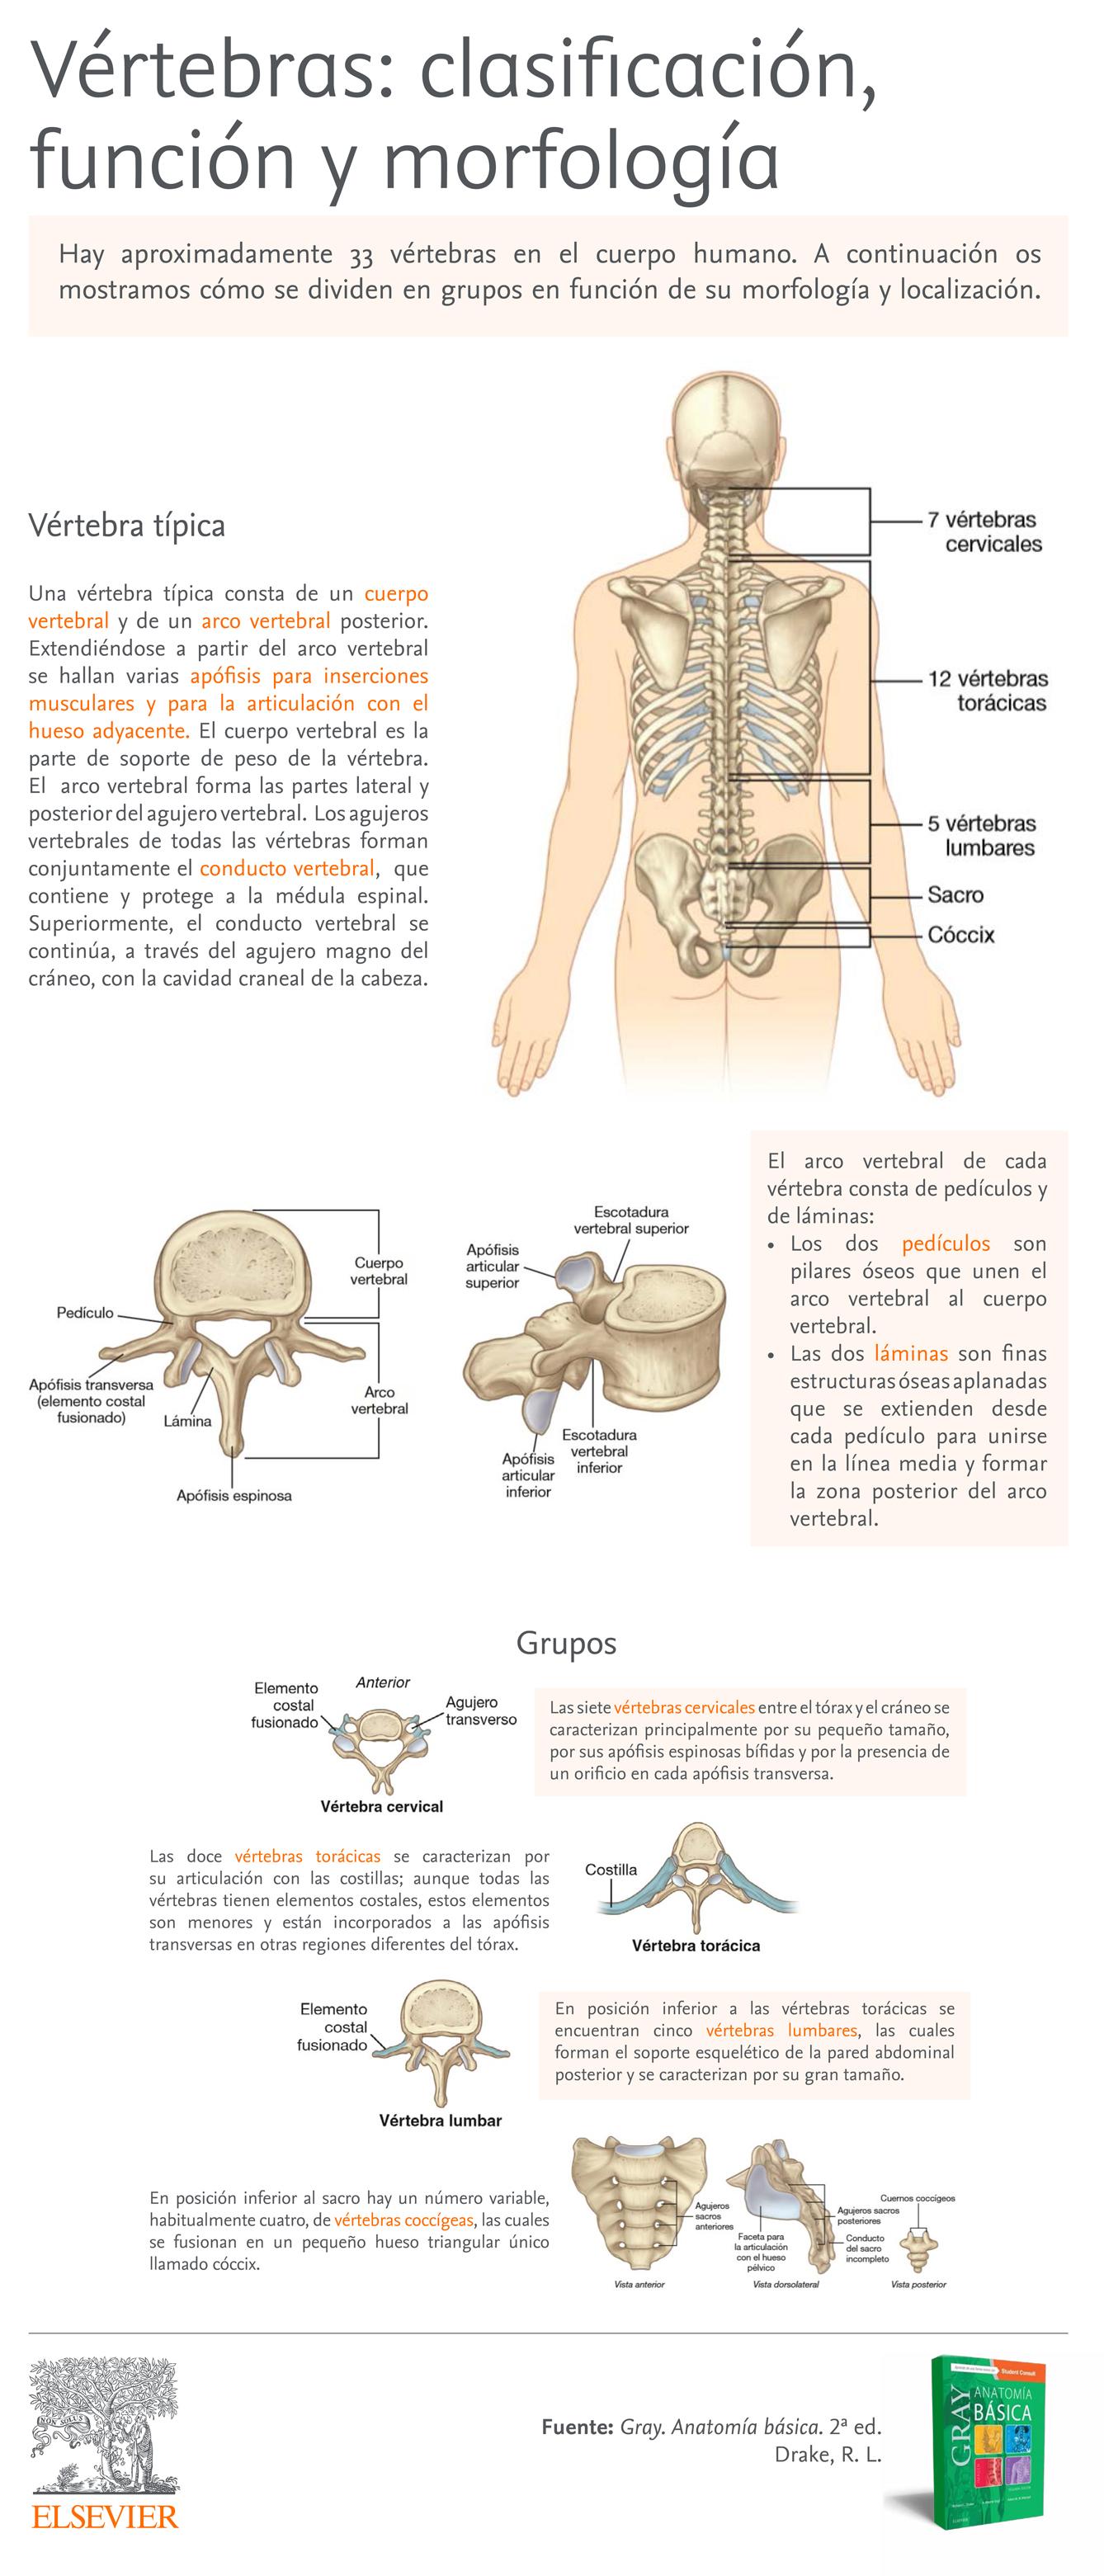 Vértebras morfología y clasificación